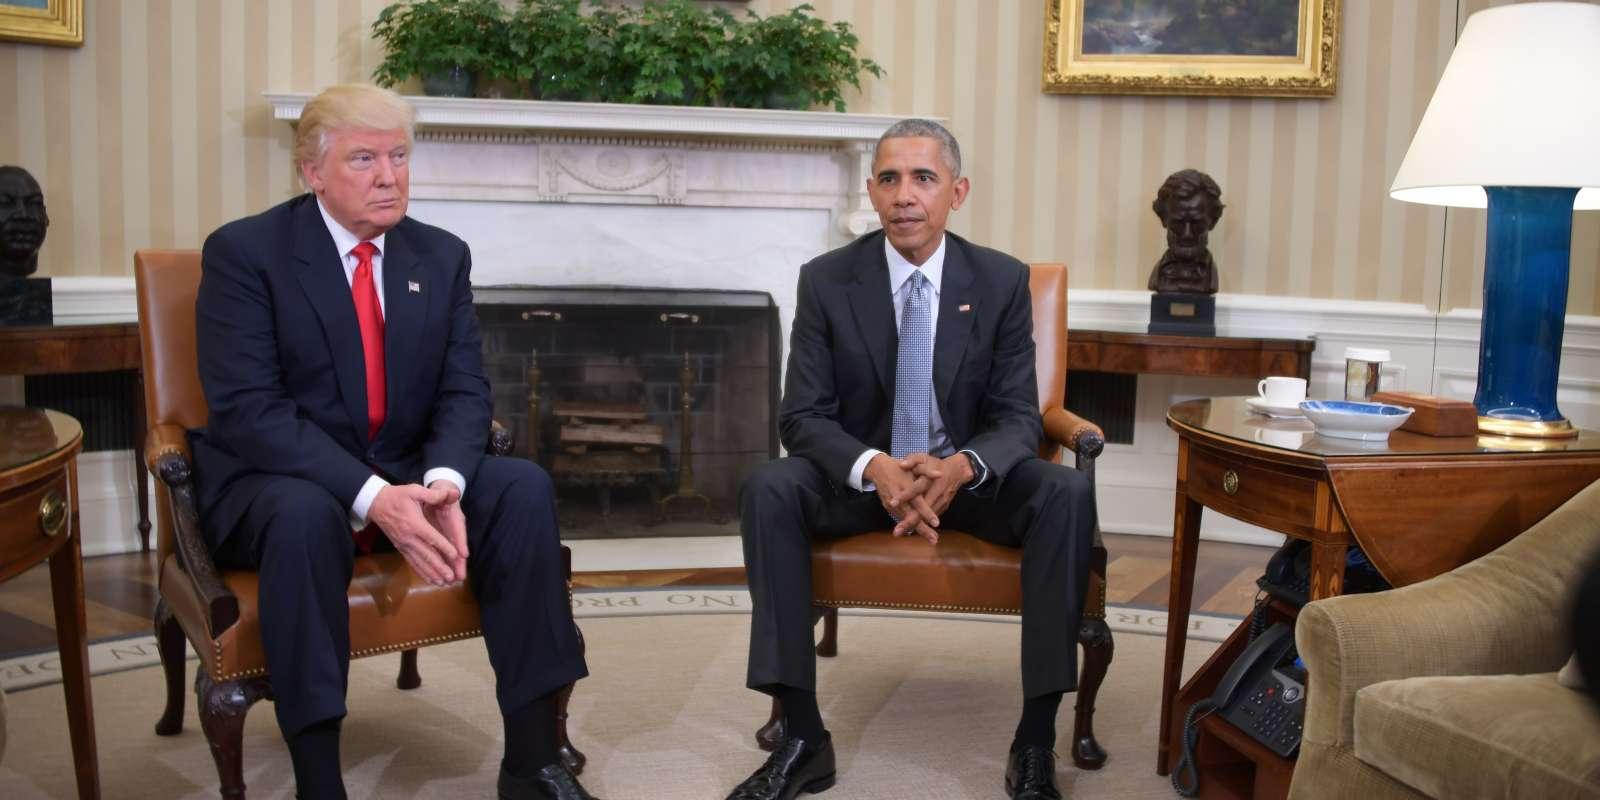 Le président Obama a discuté pendant plus d'une heure avec son successeur Donald Trump.